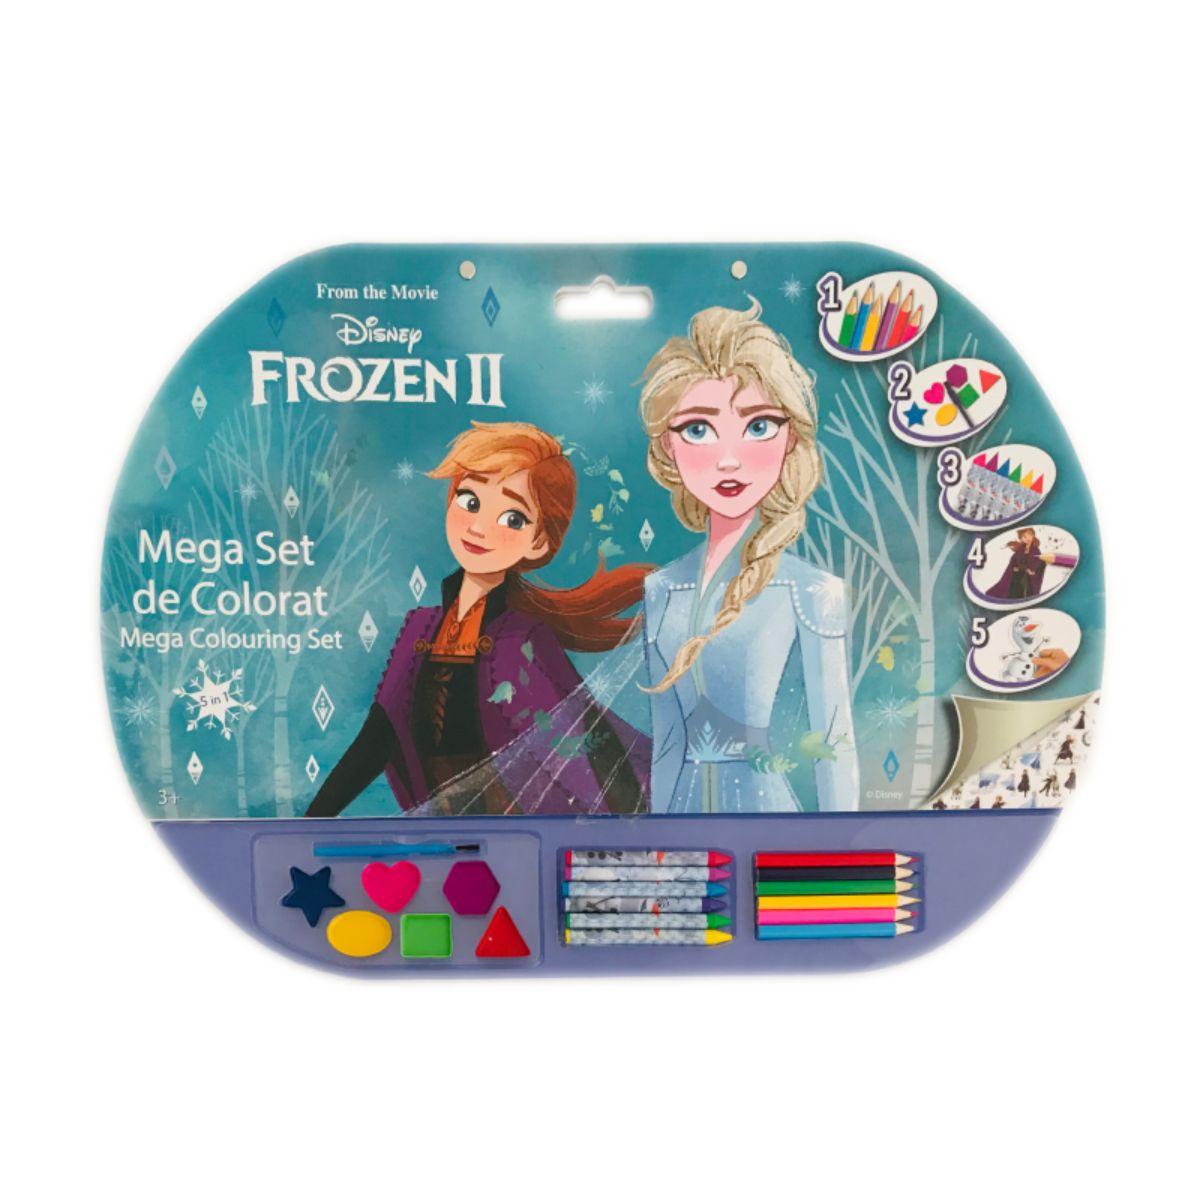 Mega Set de colorat 5 in 1, Frozen II